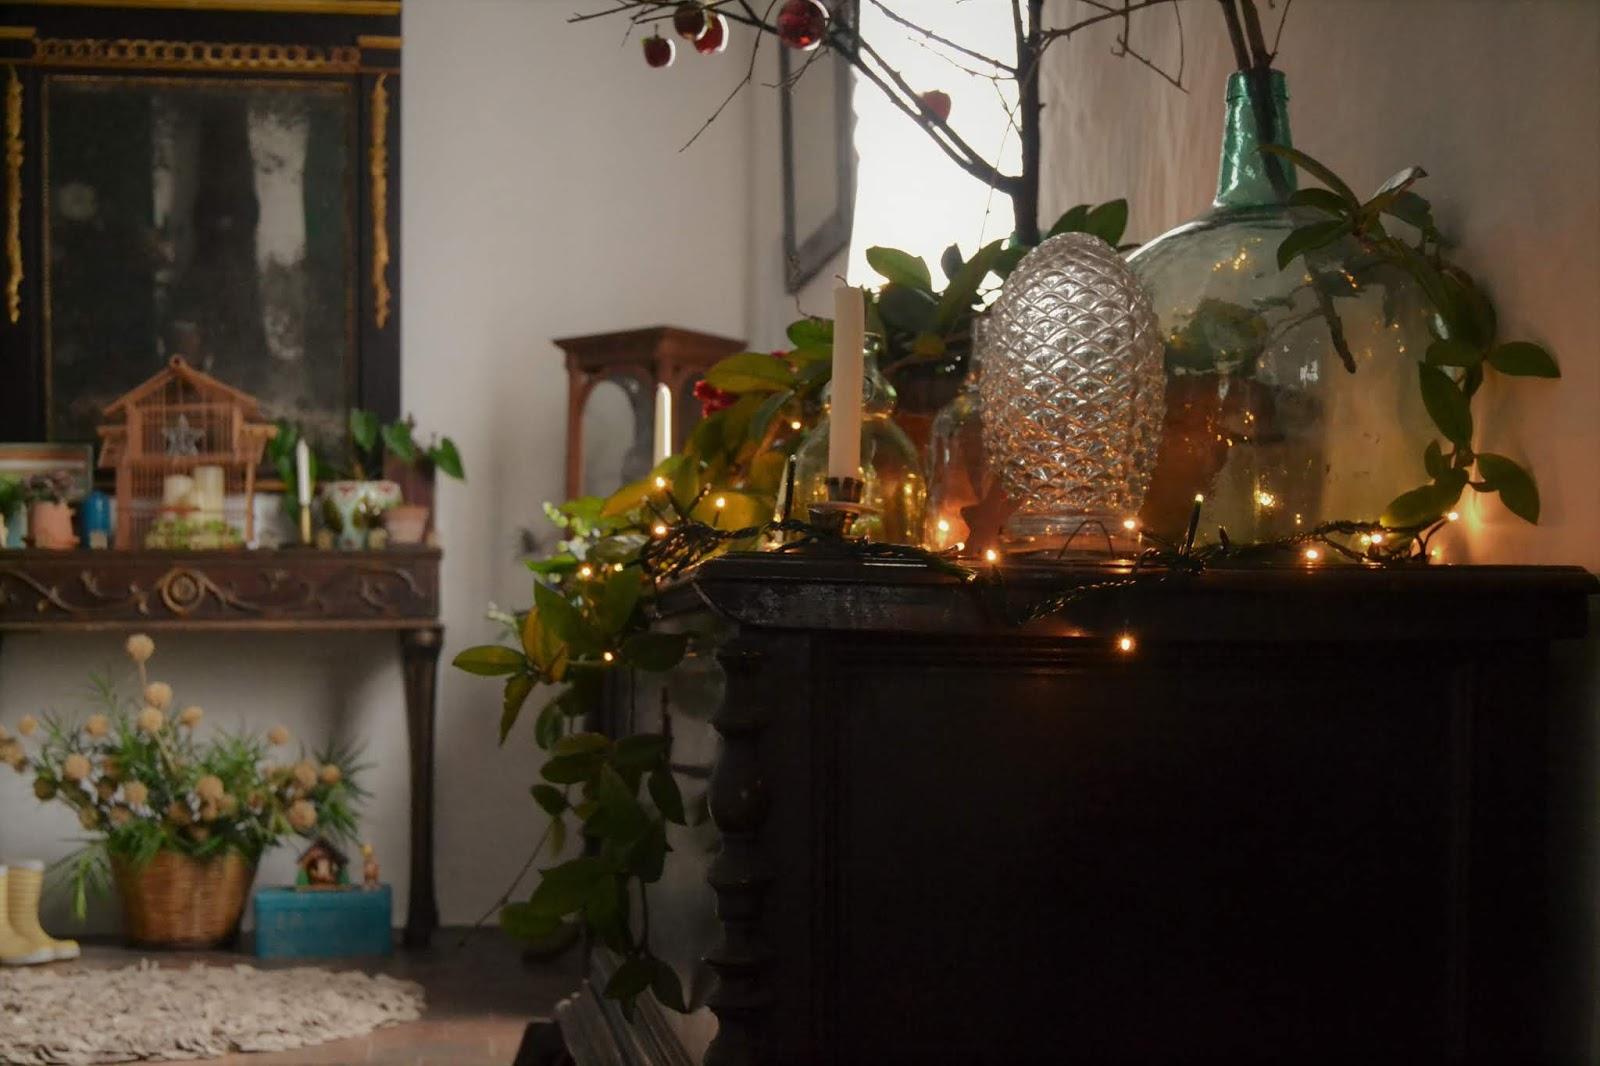 La decoración de mi casa; como decorar tu navidad con plantas y objetos antiguos